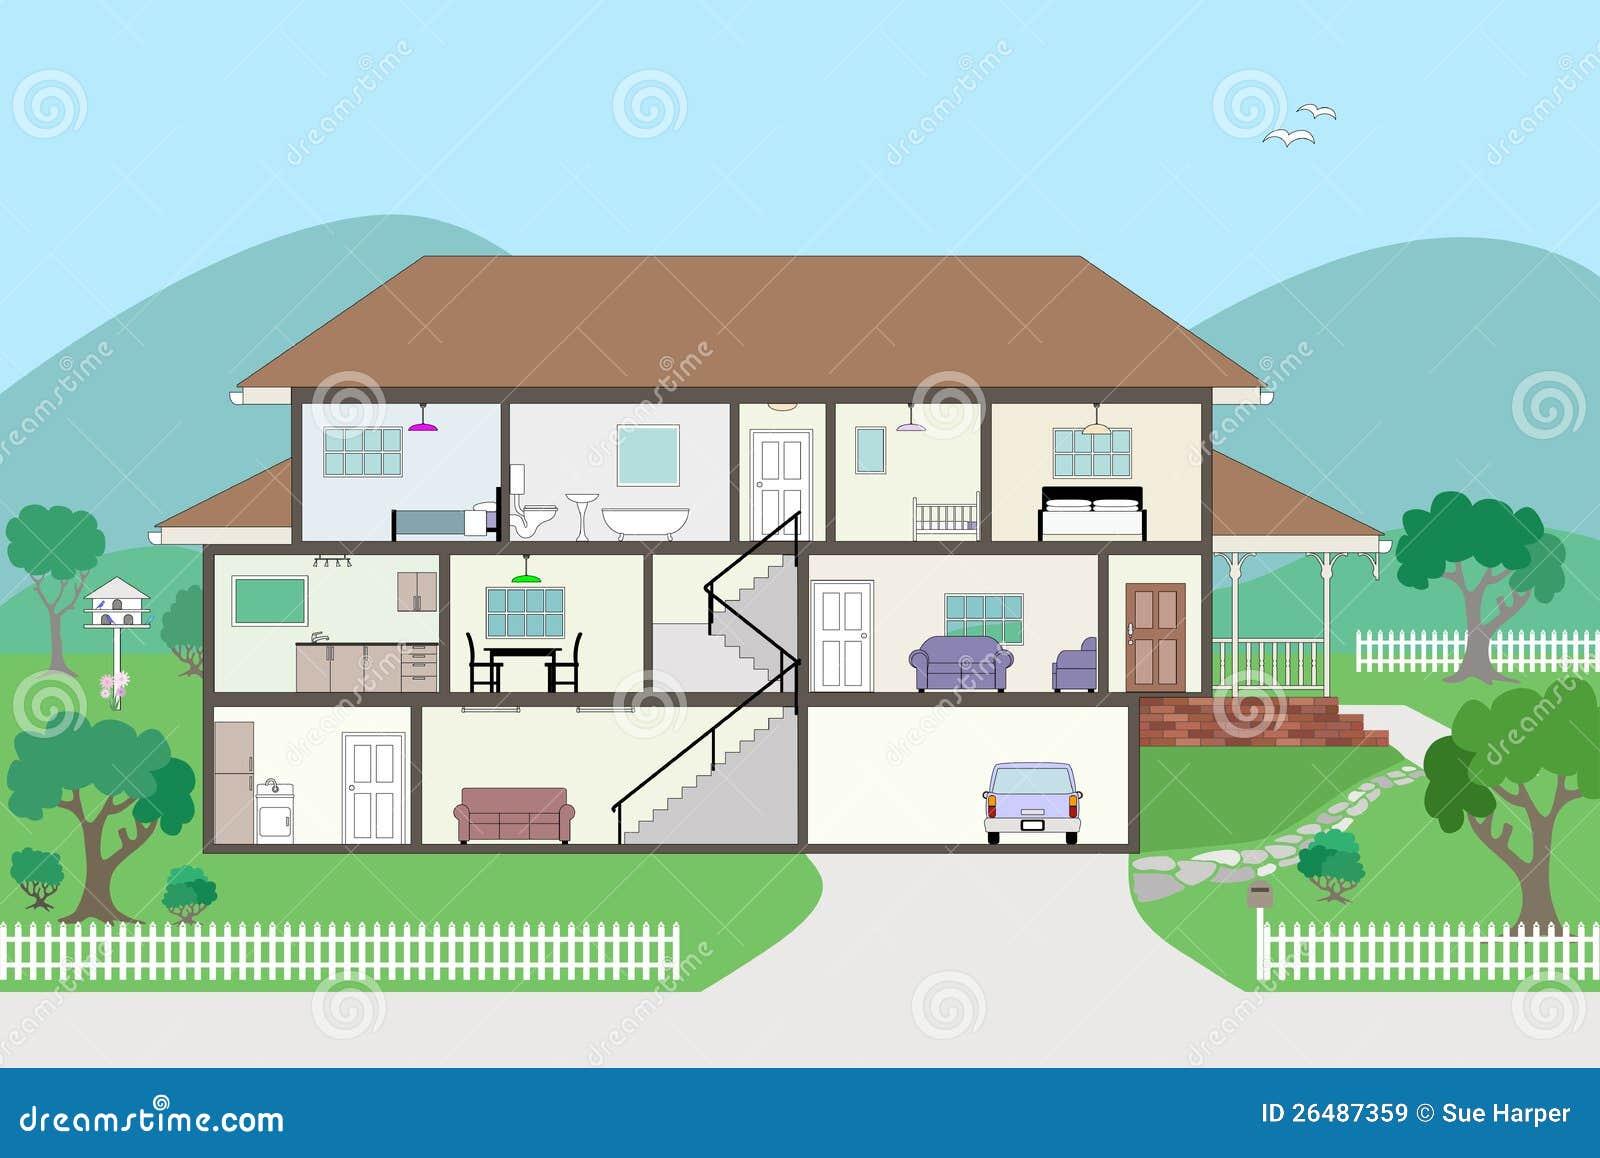 Gegroepeerd en het gelaagde huis van de dwarsdoorsnede van het schema vector illustratie - Het huis van de cabriolet ...